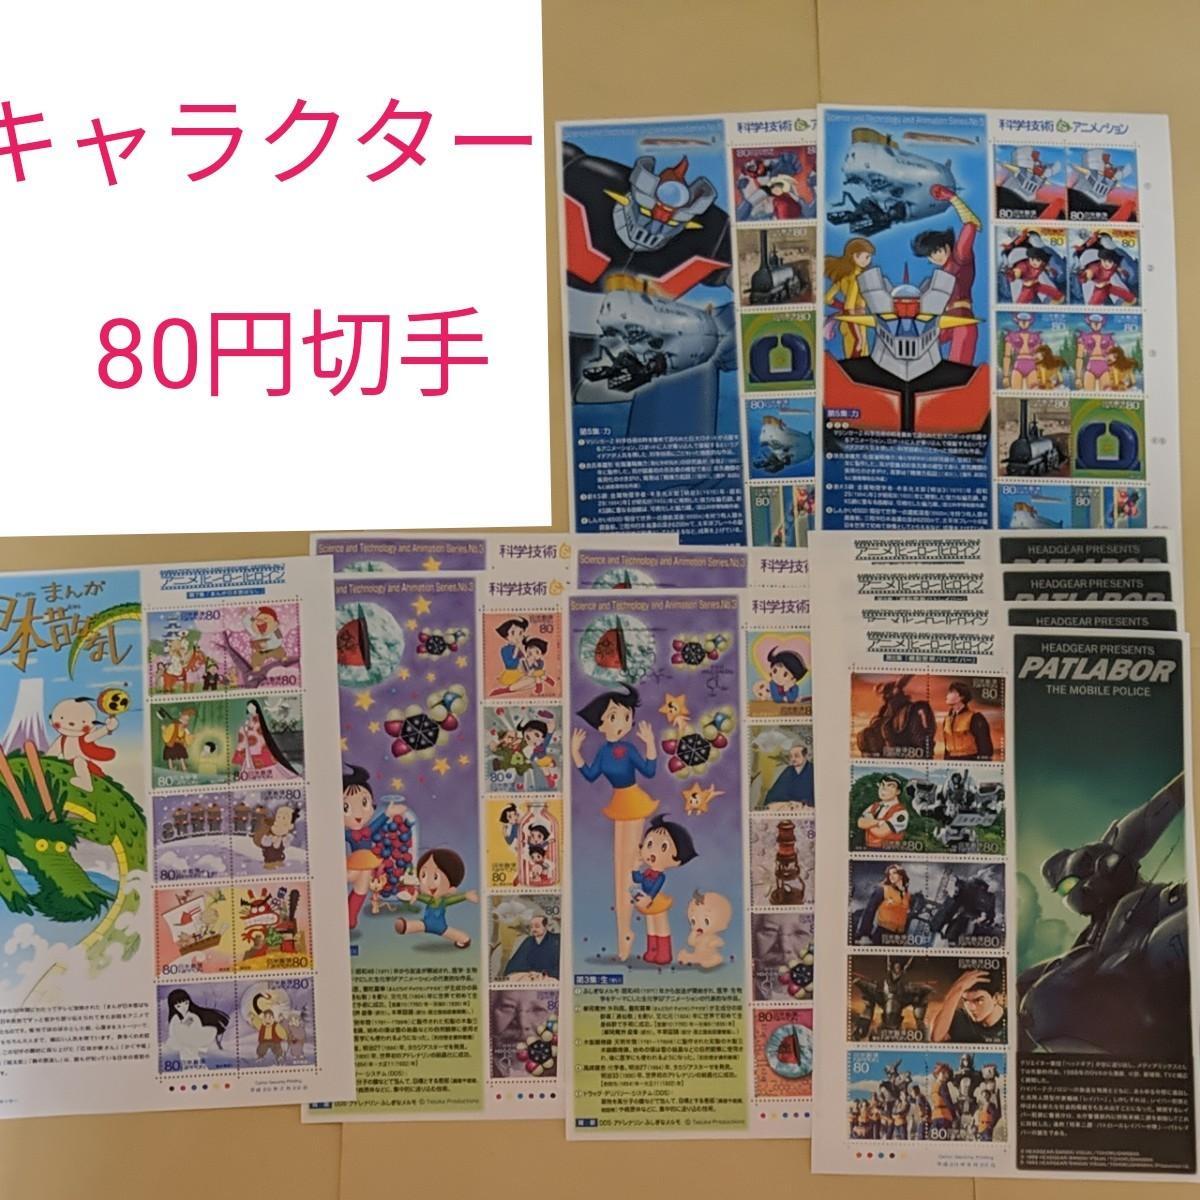 未使用 切手  額面8800円分 記念切手 80円切手 シート キャラクター マジンガーZ パトレイバー